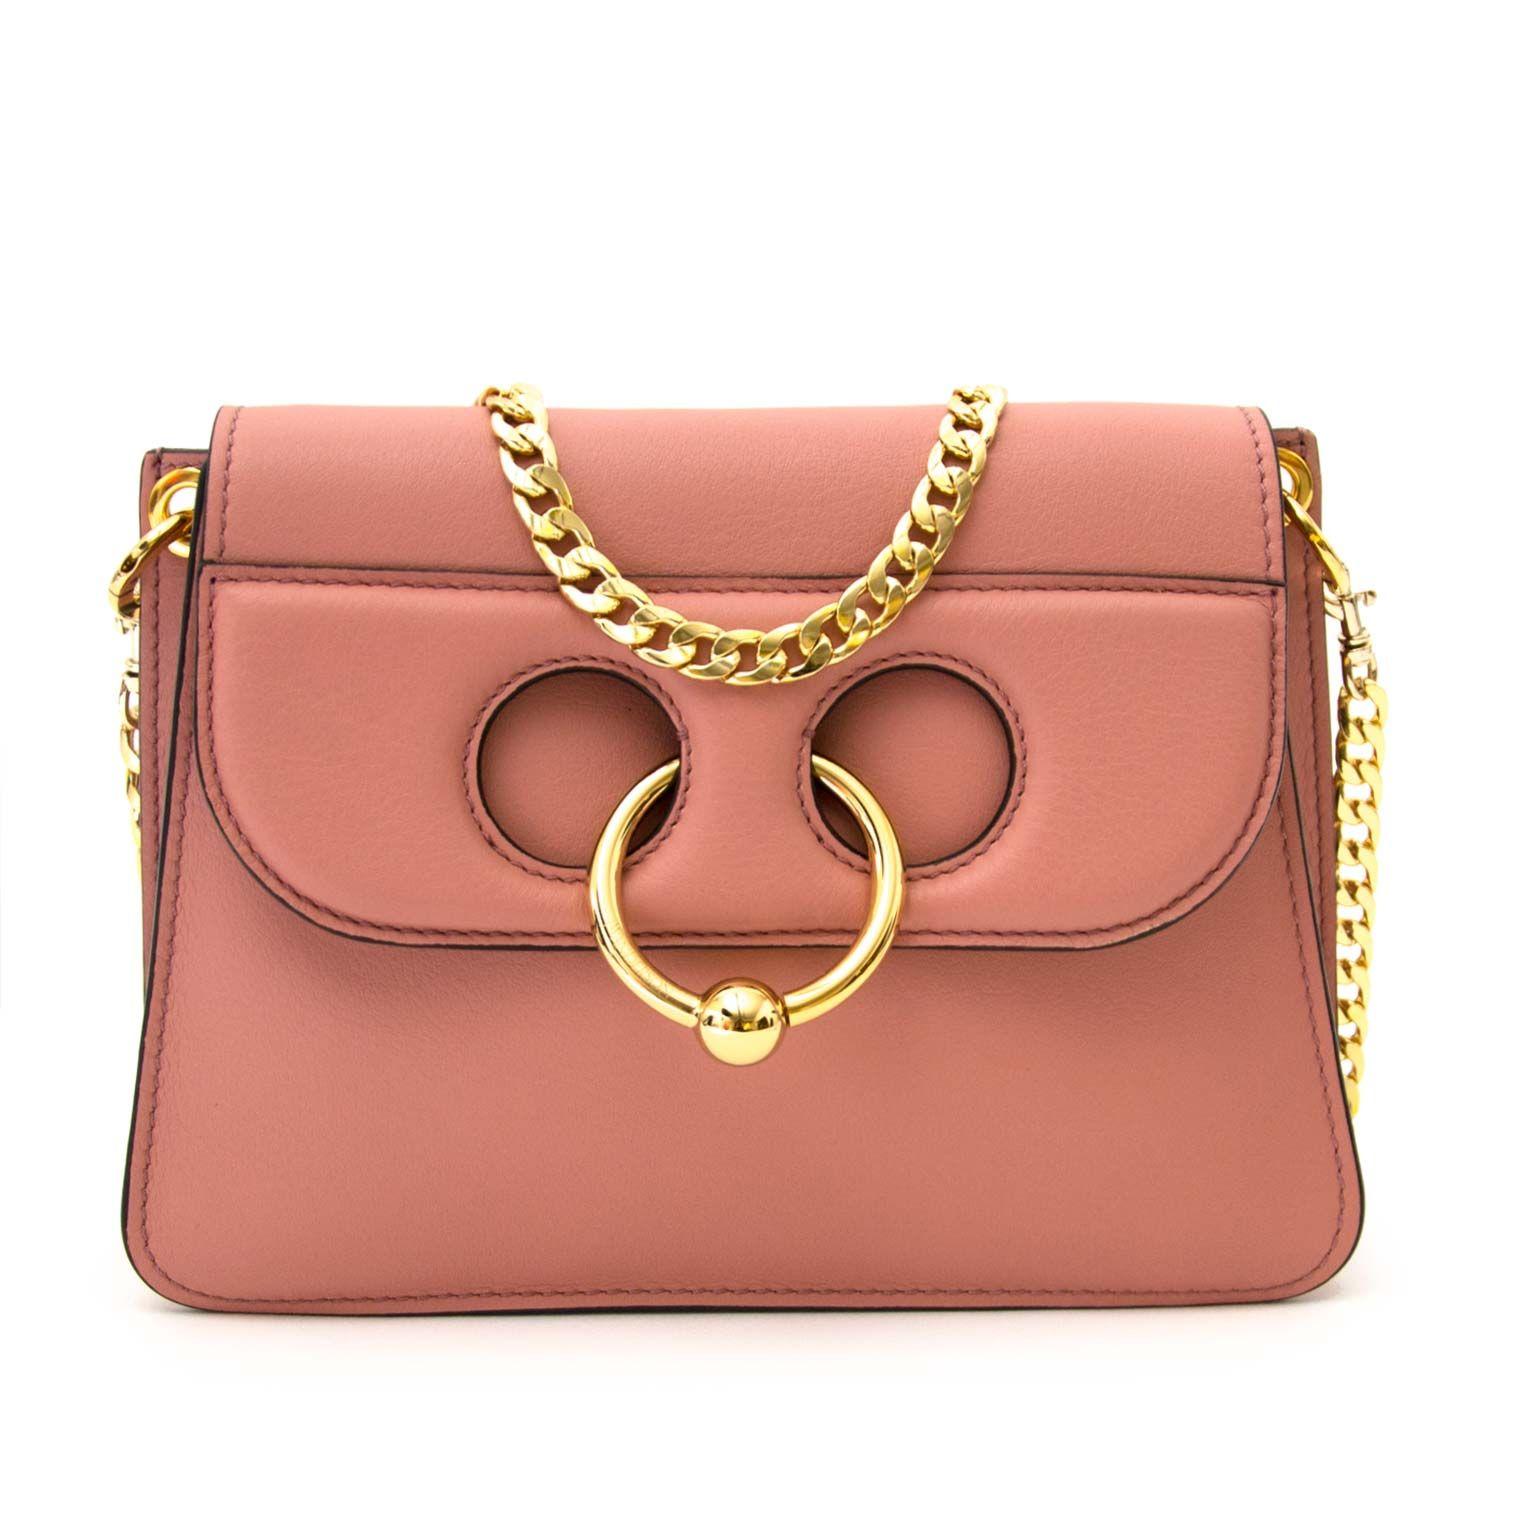 53ce76e576f J.W. Anderson Pierce bag. Shop now at Labellov vintage webshop ...